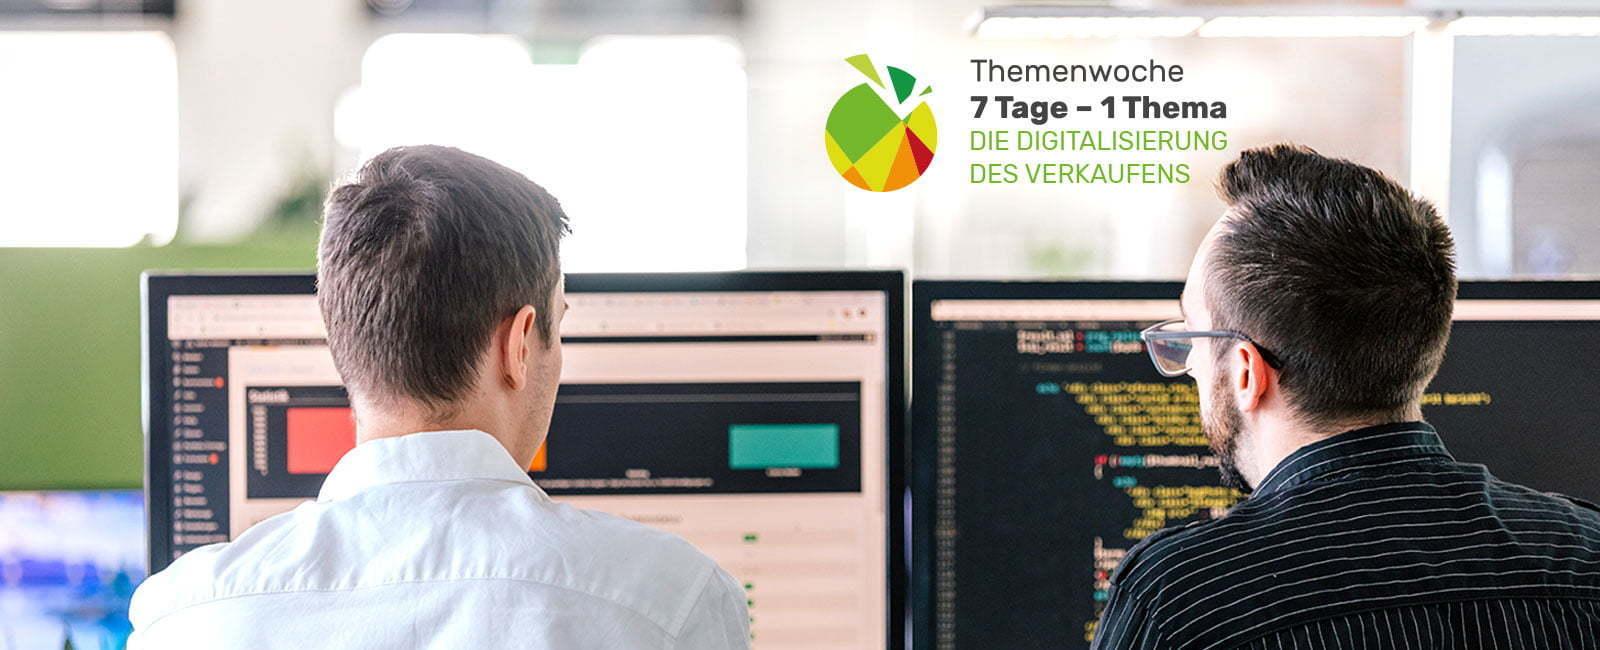 Zwei Programmierer von hinten am Arbeiten vor zwei Monitoren